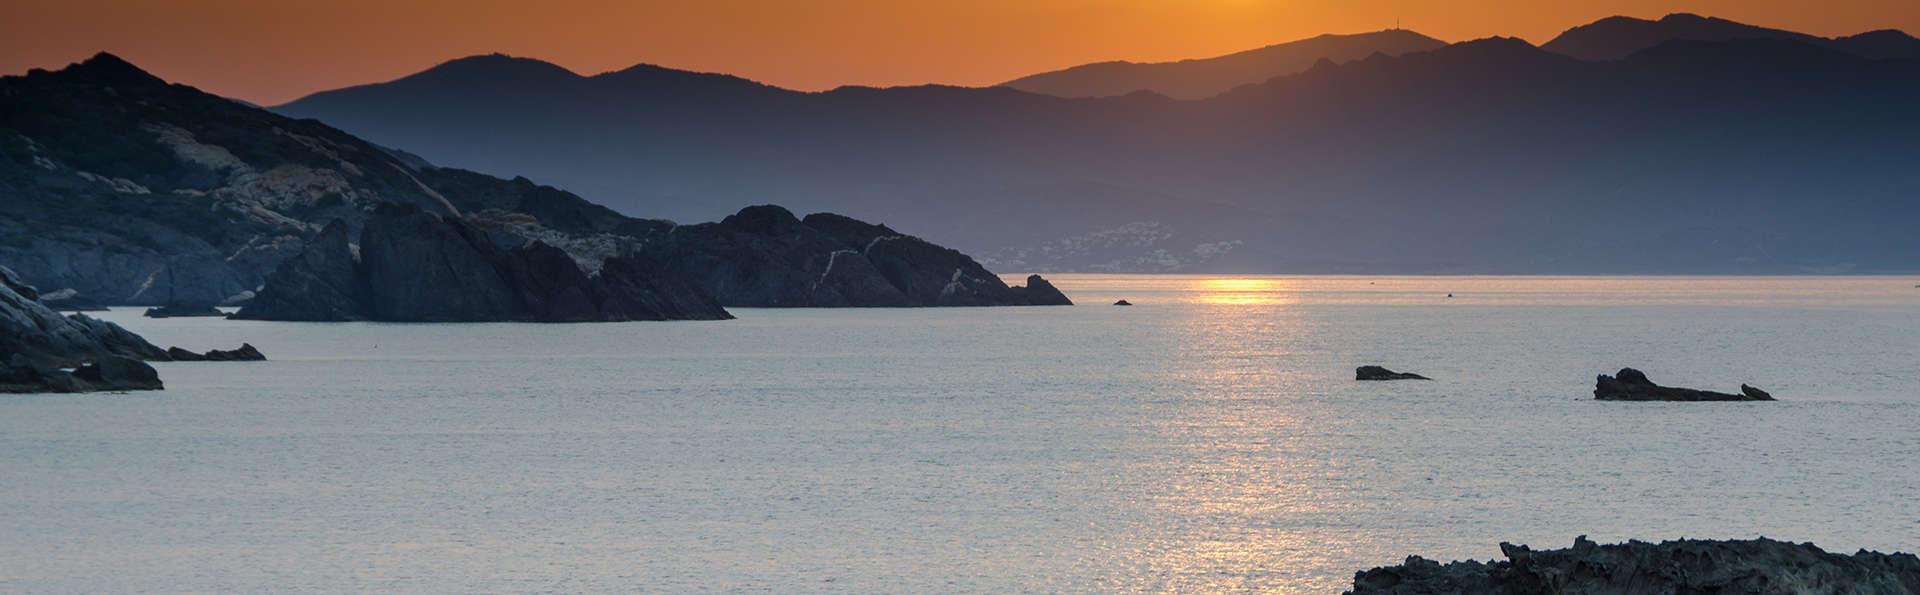 Virée romantique à Port de la Selva (à partir de 2 nuits)